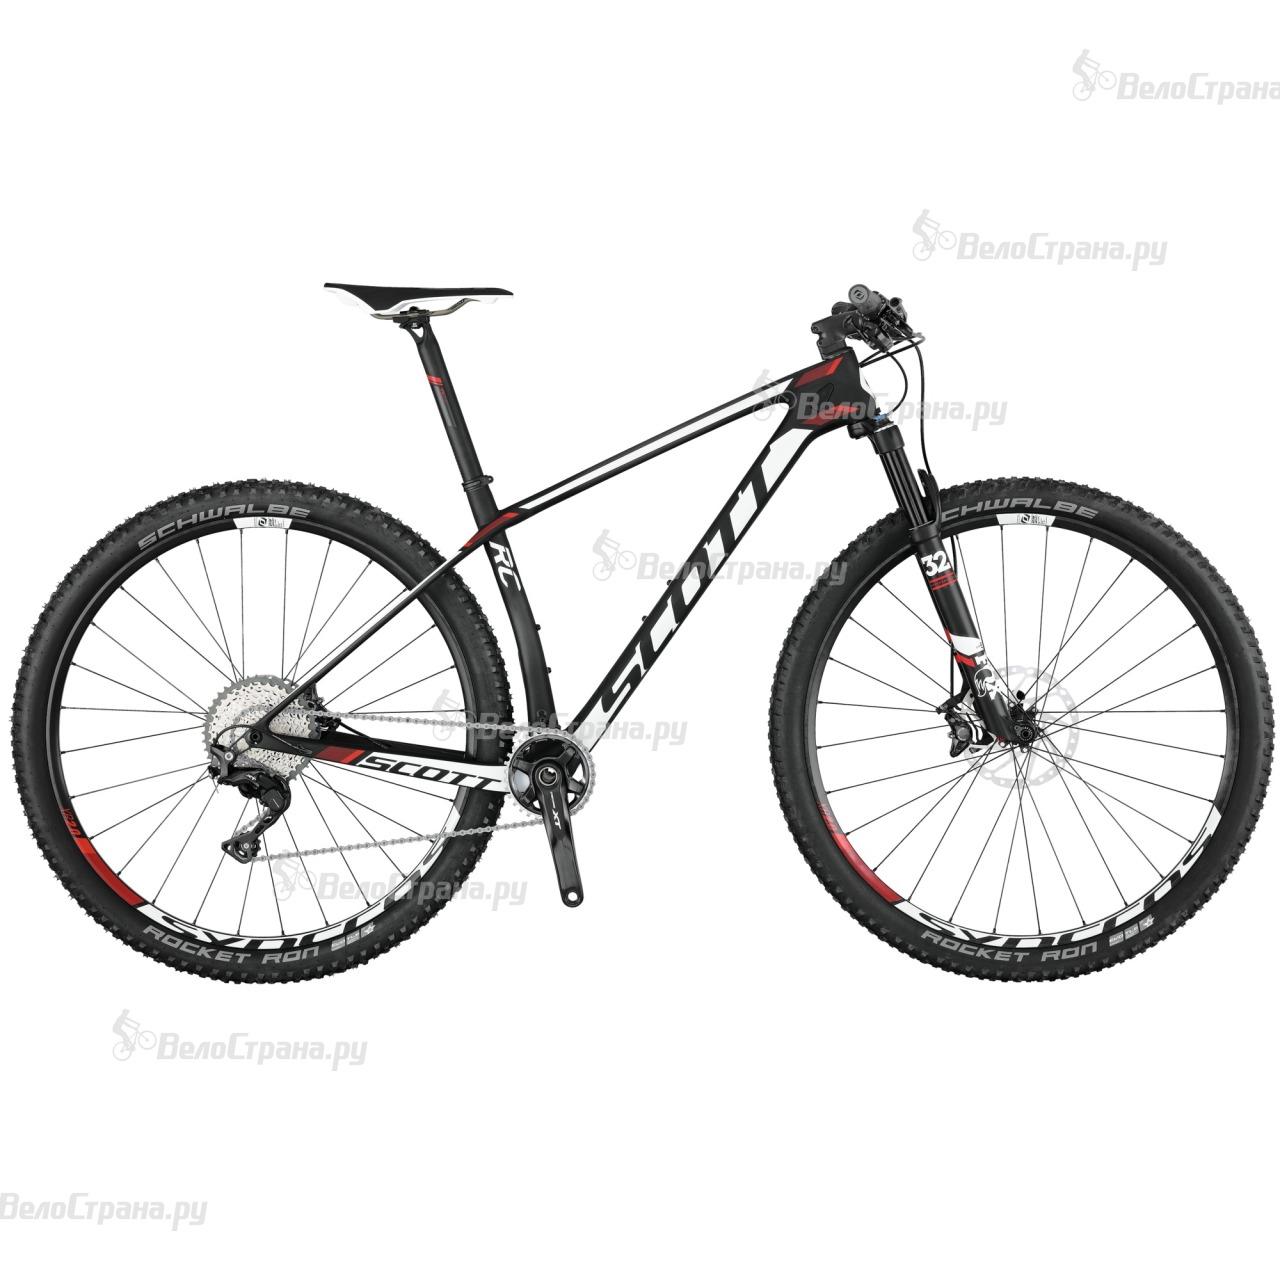 Велосипед Scott Scale RC 700 Pro (2017) scott scale 700 rc 2016